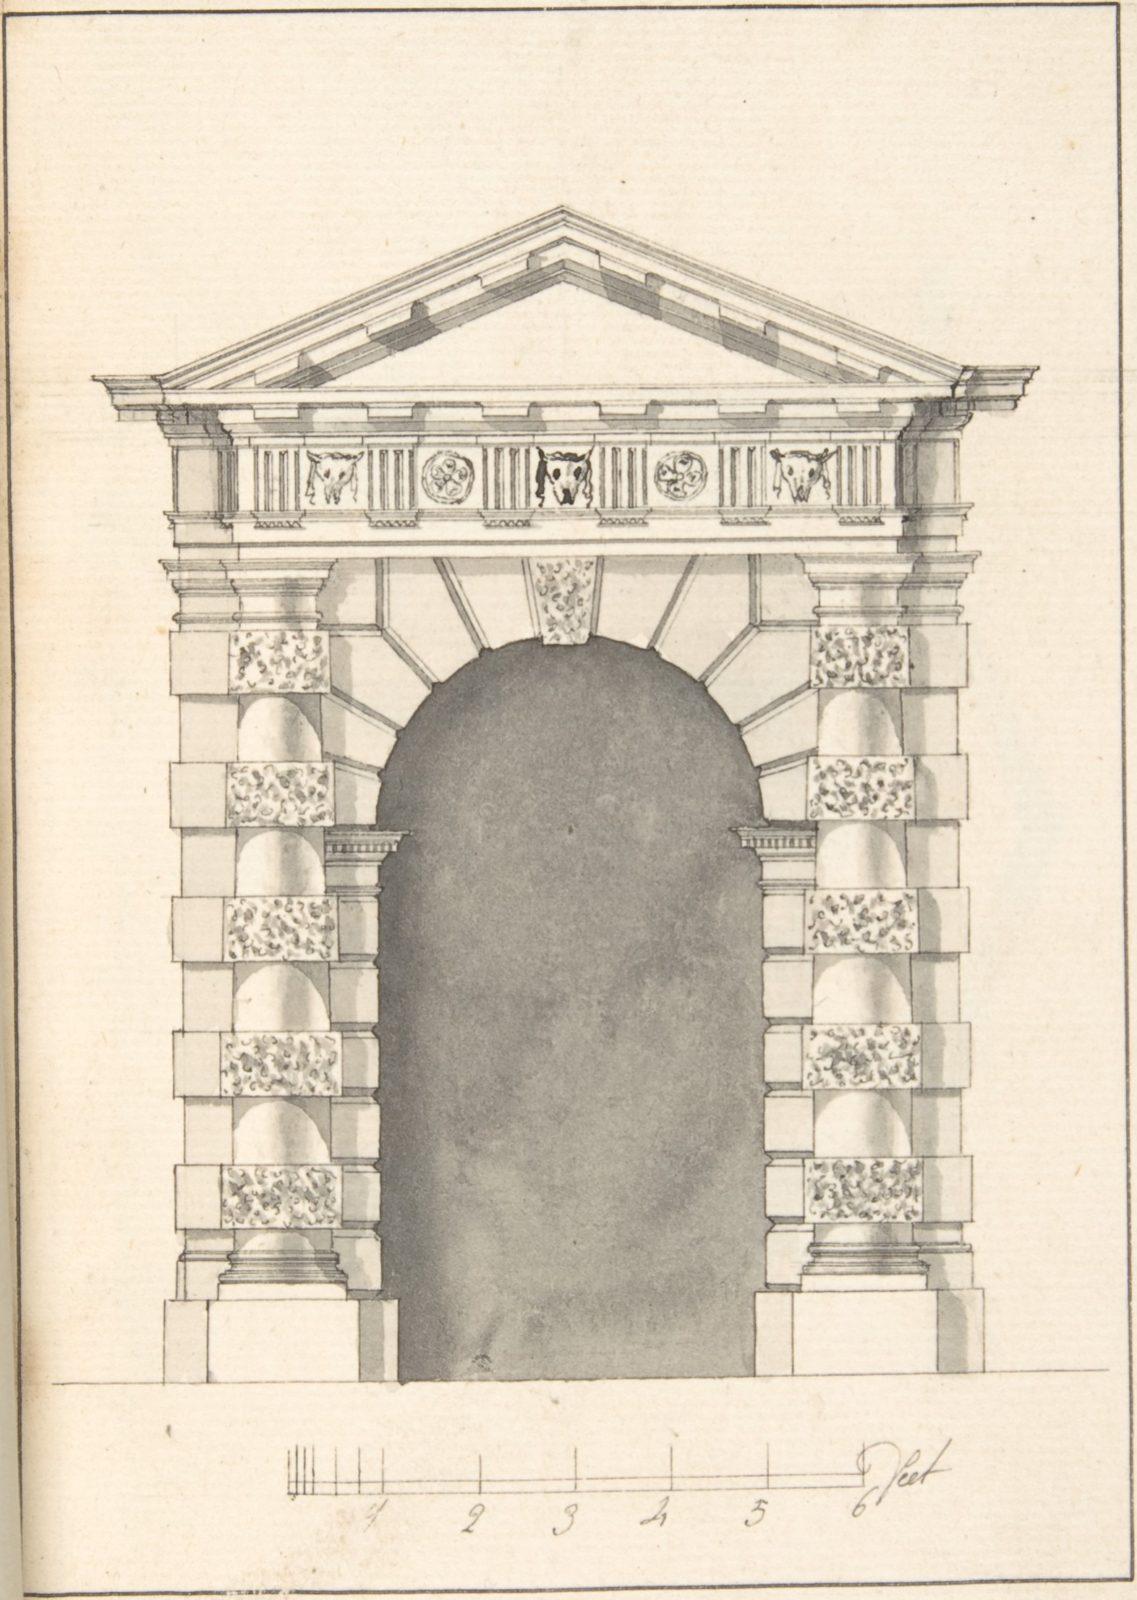 Elevation of Rustic Doric Doorway